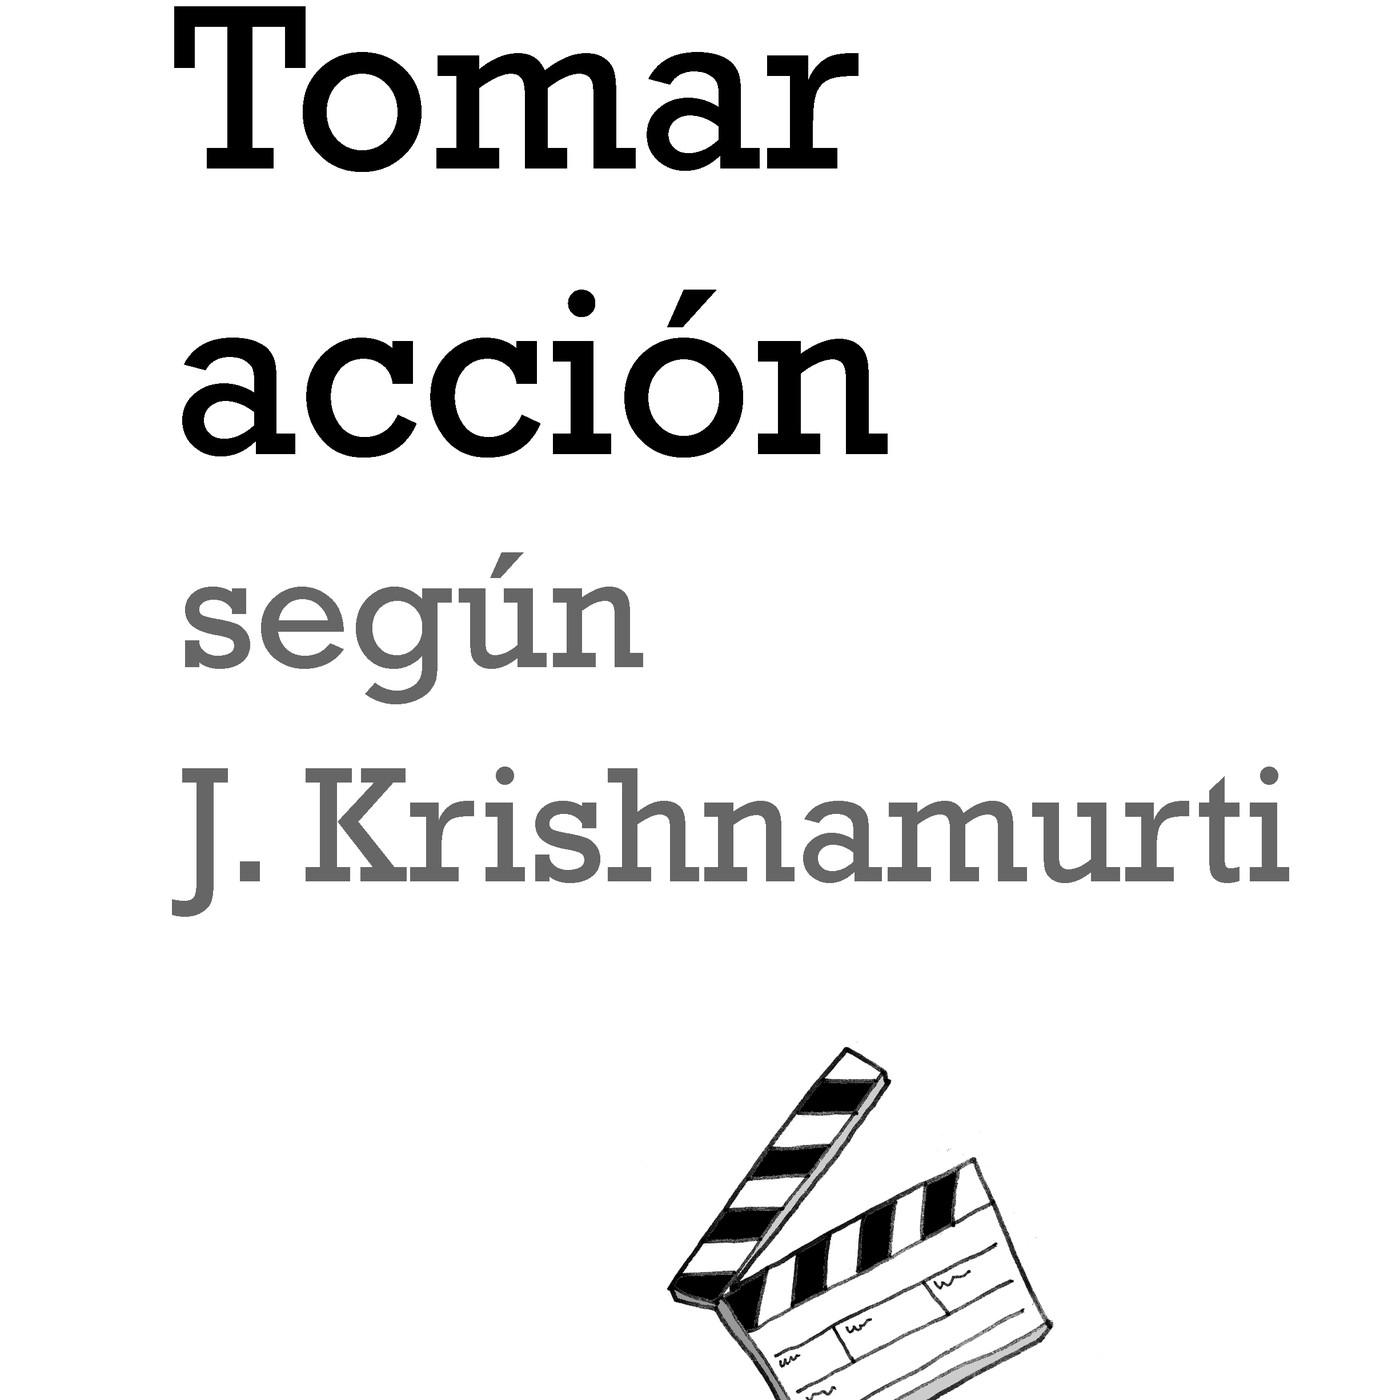 Monográfico 8: Tomar acción según J. Krishnamurti en Buscadores de sentido  en mp3(04/02 a las 07:30:00) 02:18:40 16813008 - iVoox